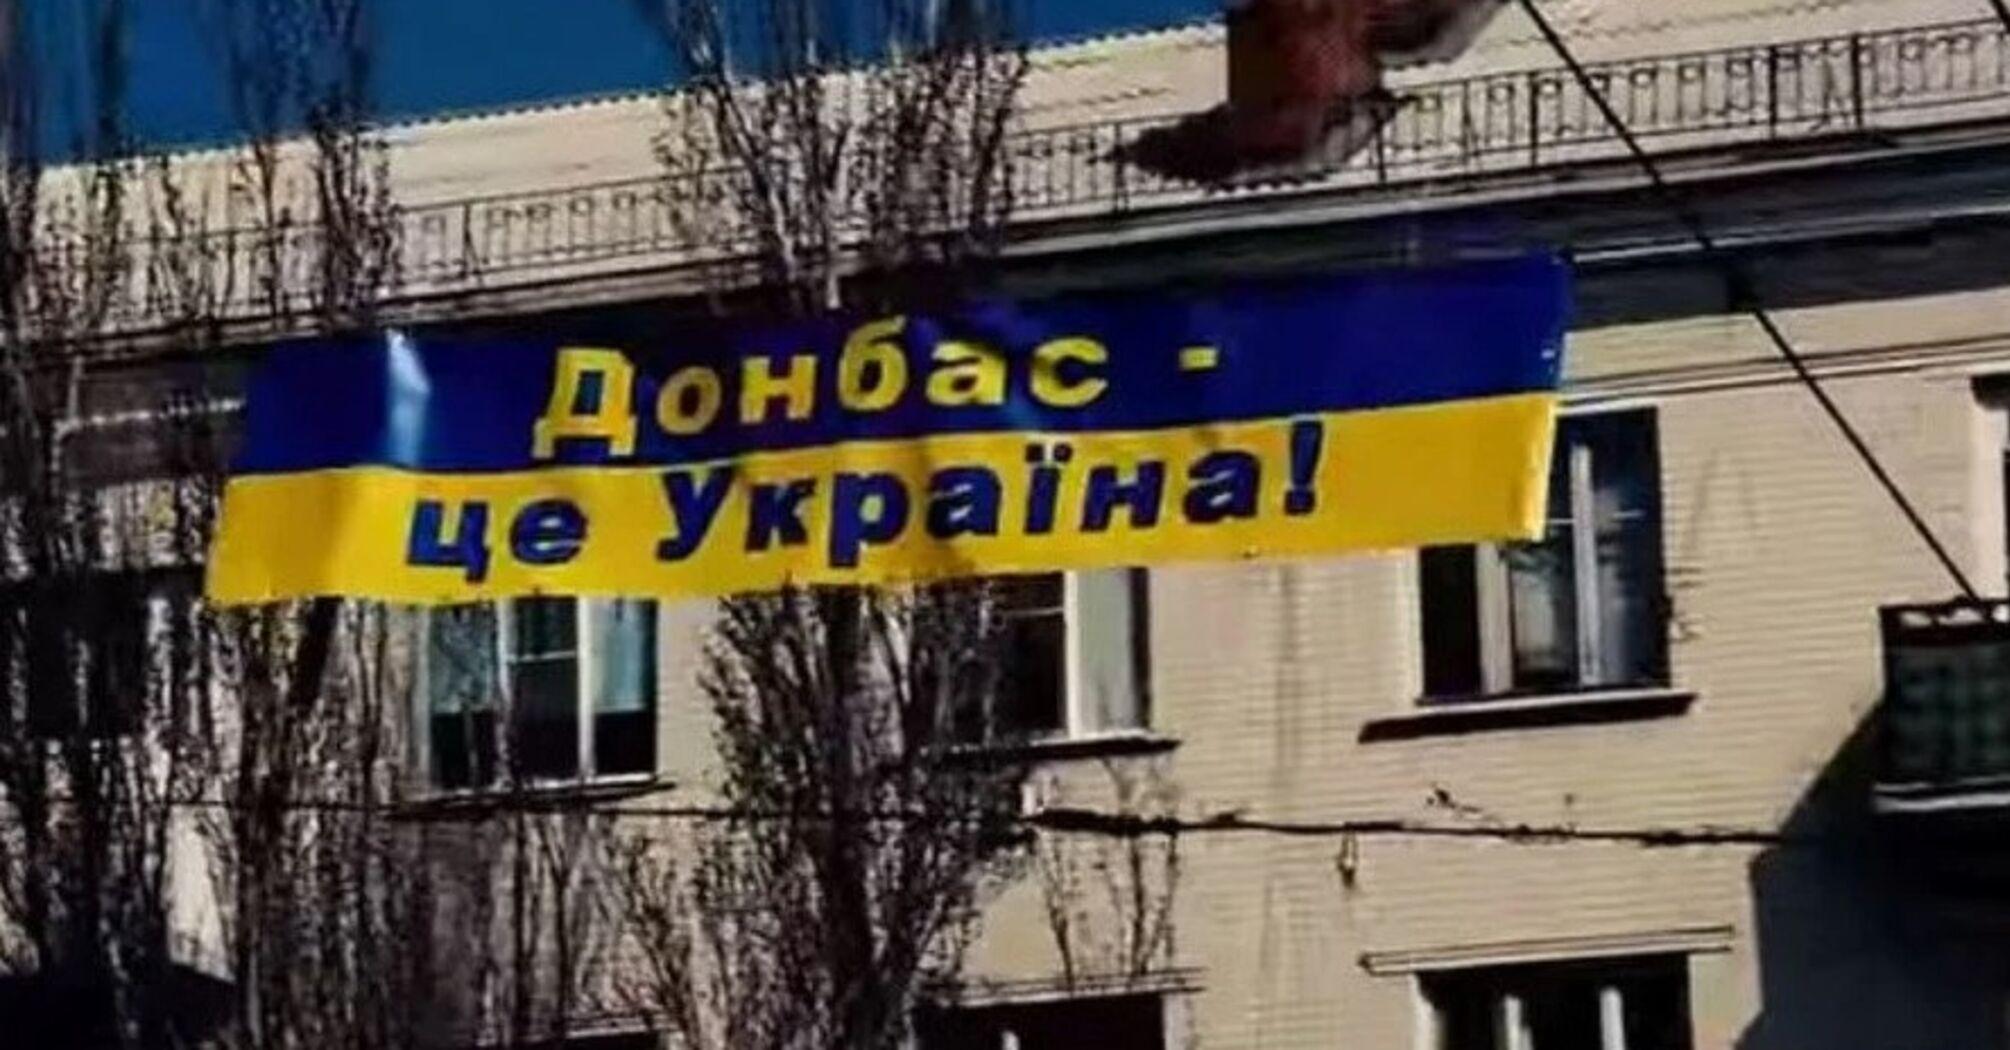 Концепция переходного правосудия: Кориневич рассказал, чего ждать жителям ОРДЛО